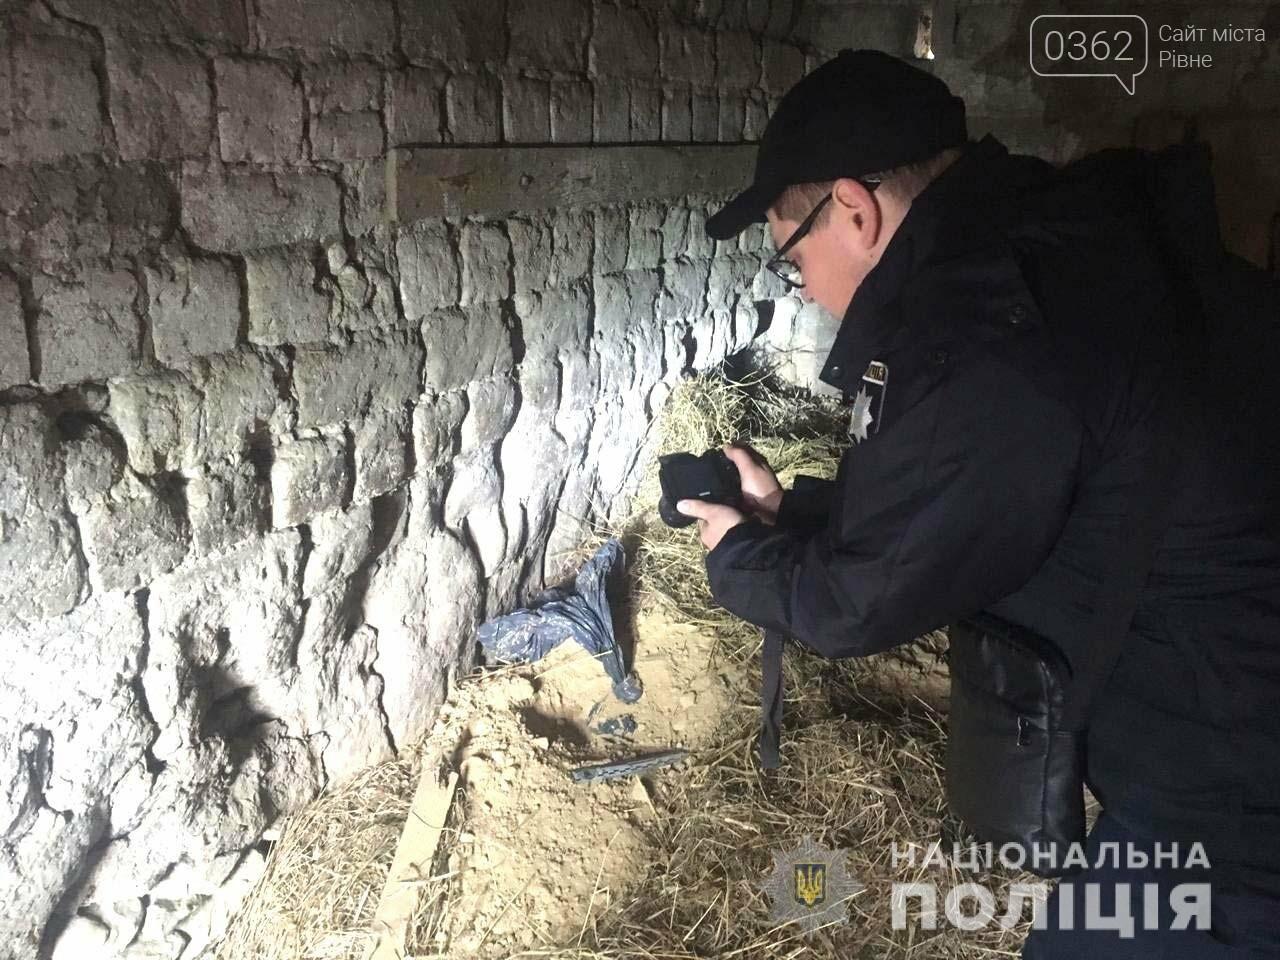 На Здолбунівщині правоохоронці виявили схрон боєприпасів (ФОТО, ВІДЕО) , фото-1